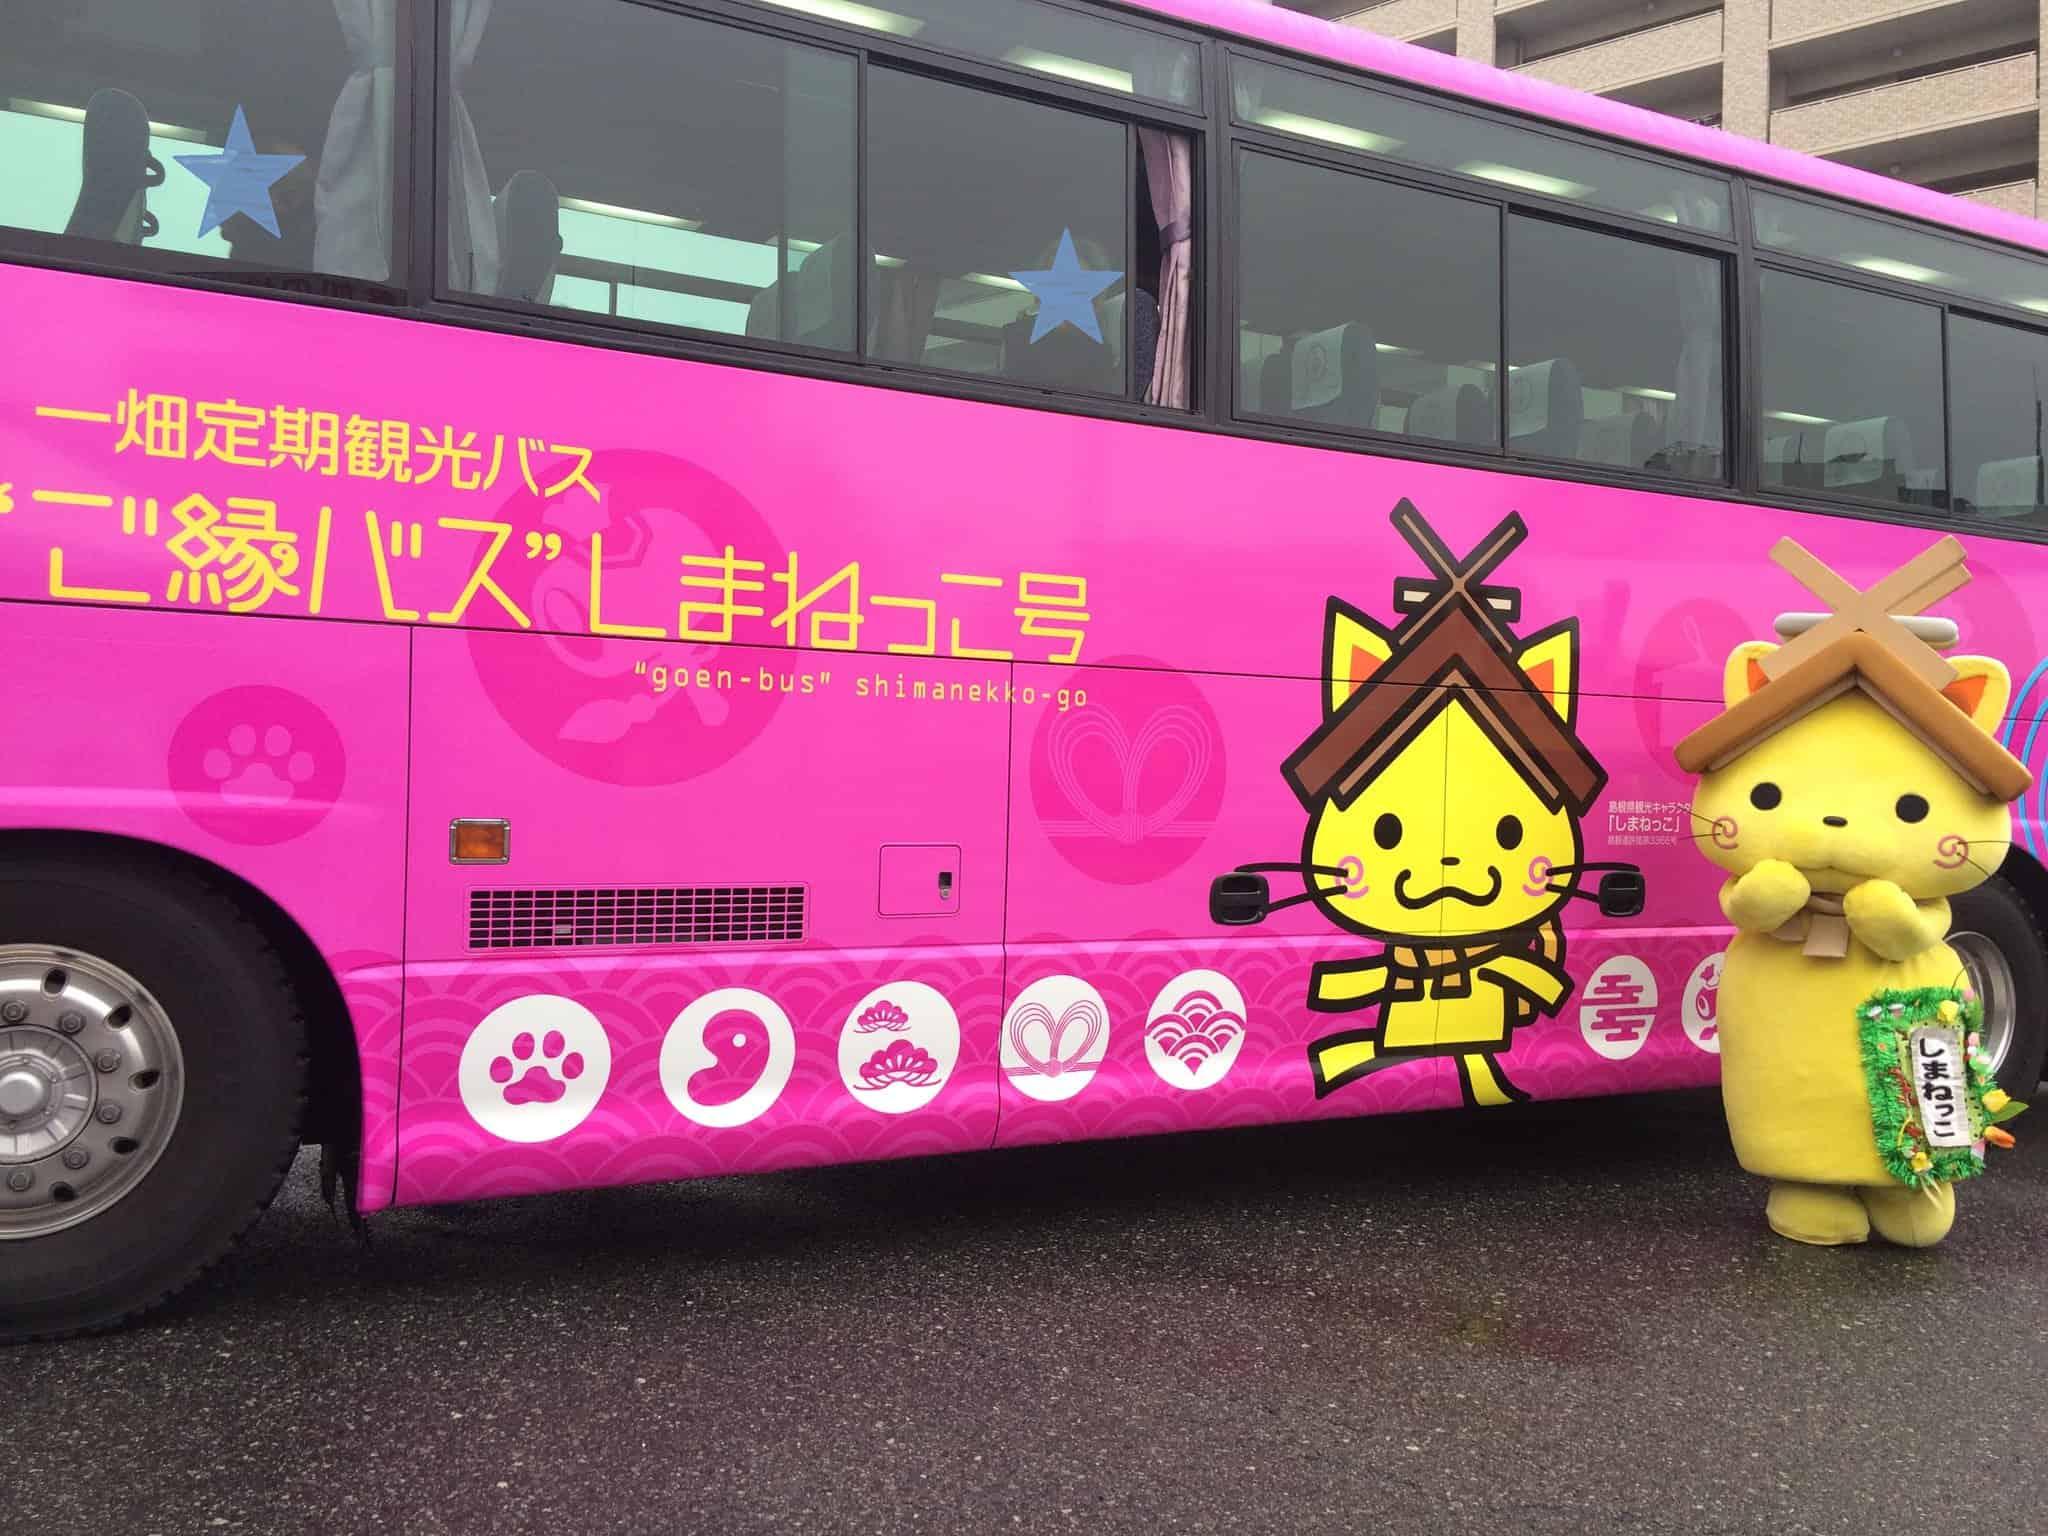 รถบัสทัวร์ของชิมาเนโกะ (Shimanekko)